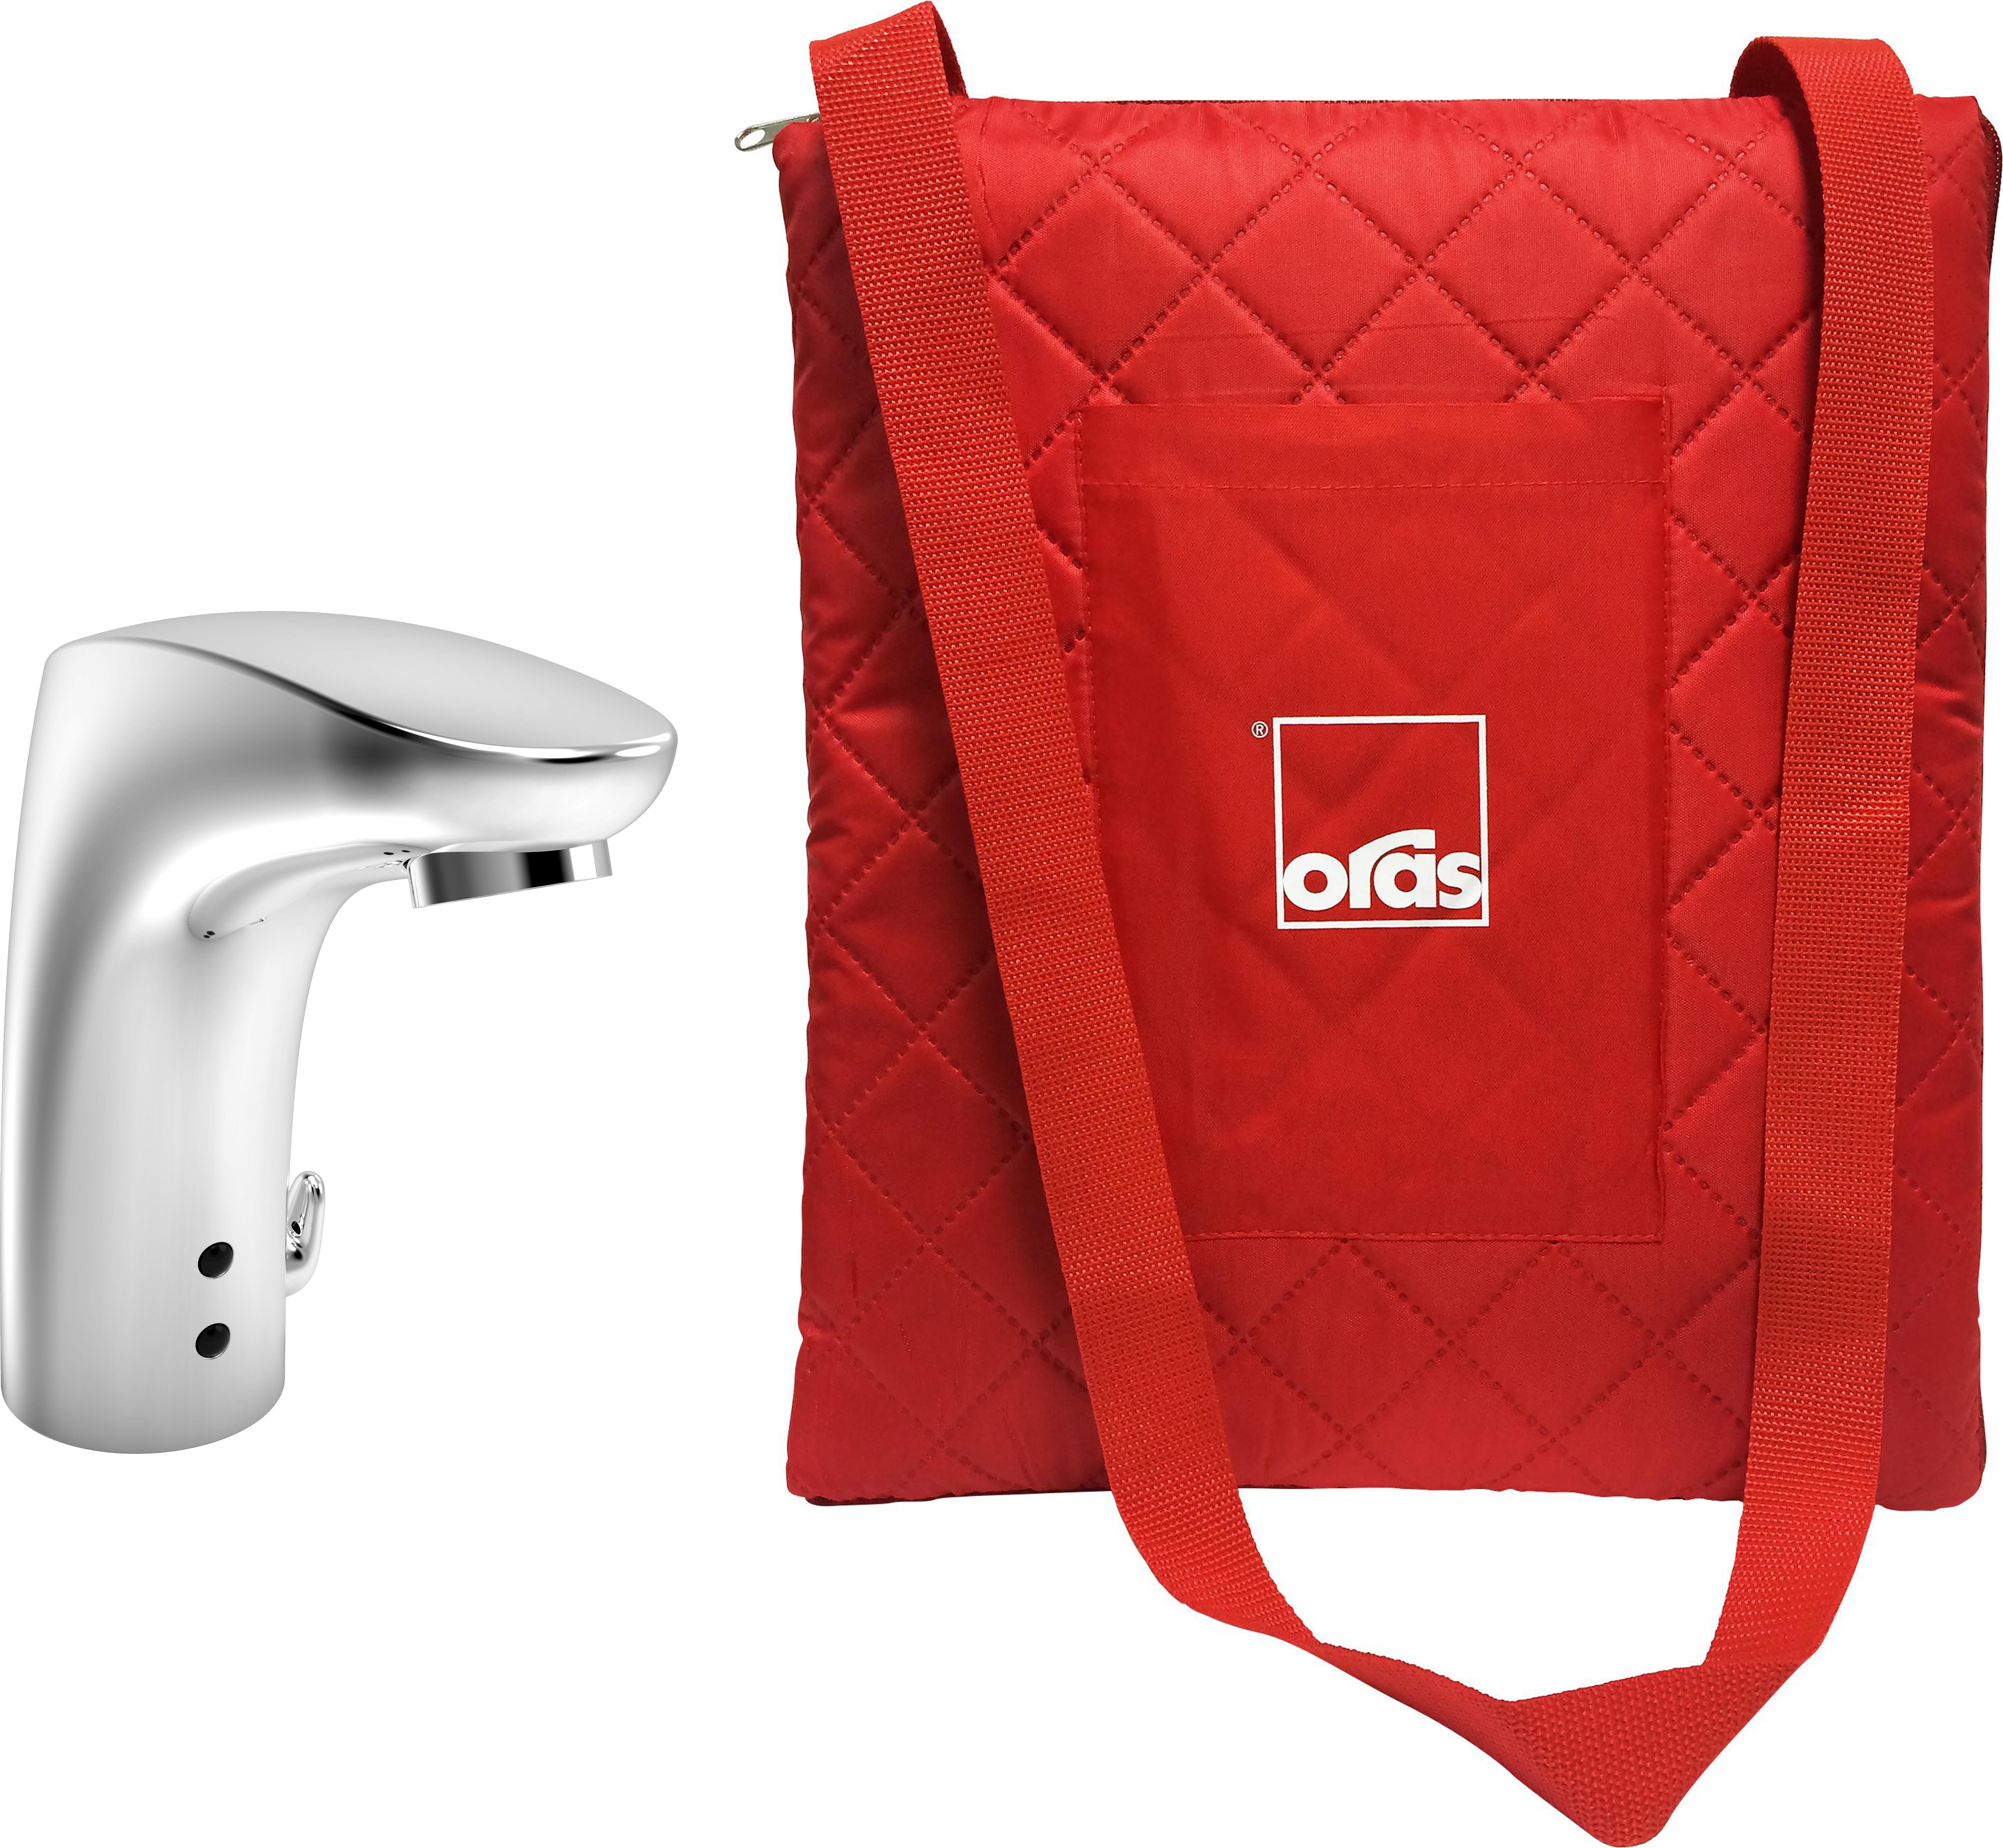 Набор Oras Смеситель electra 6250f +Плед для пикника soft & dry